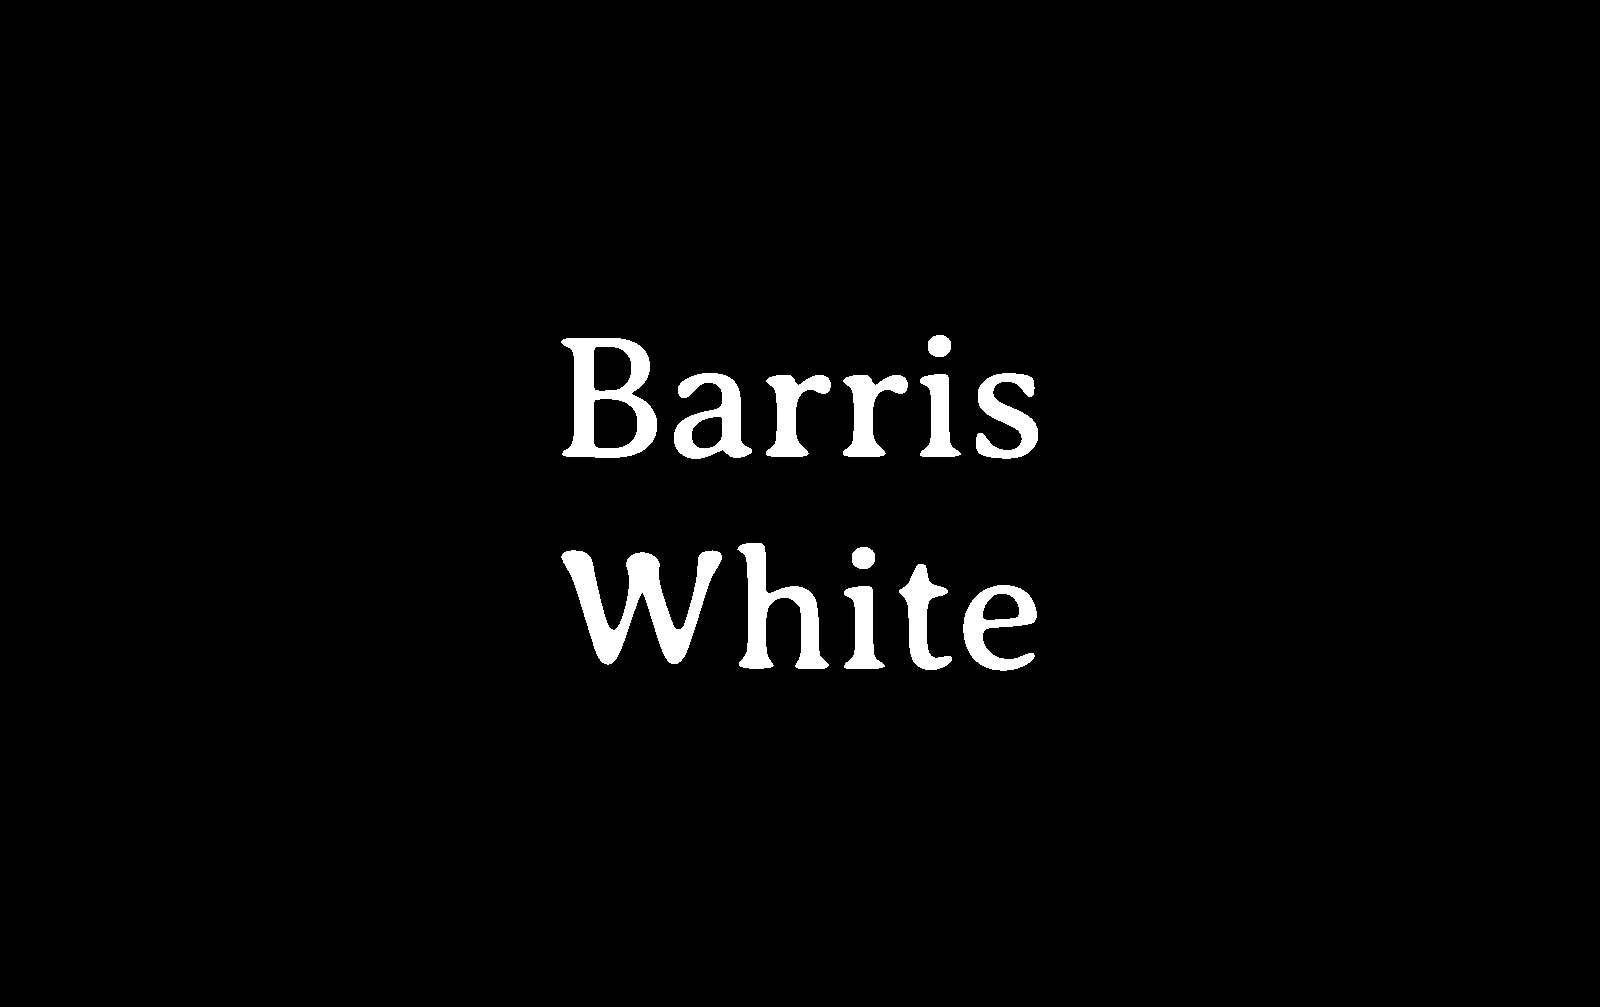 Barris White